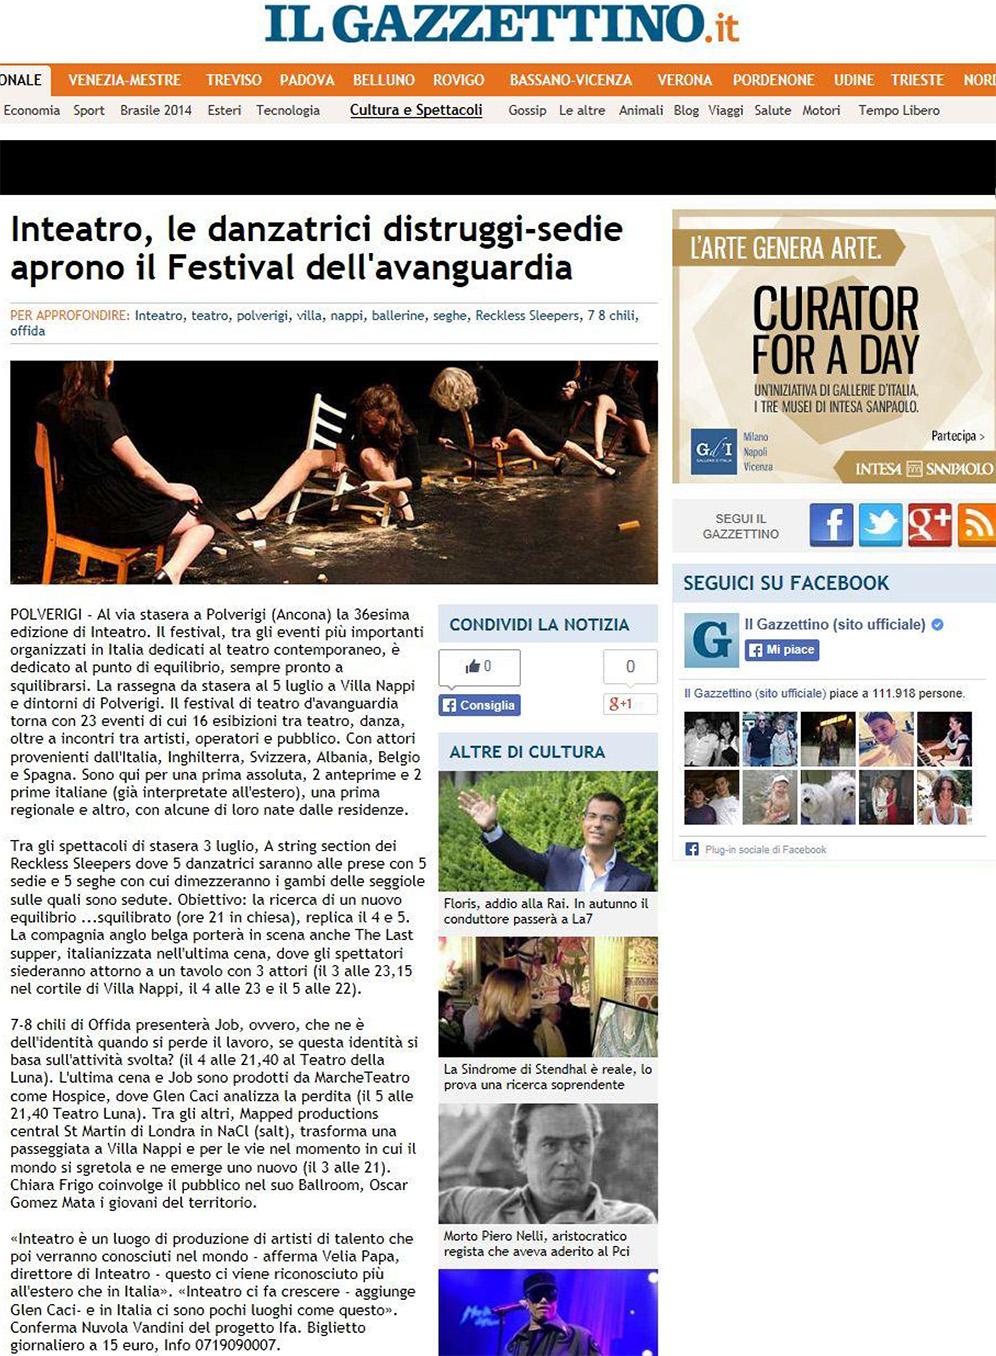 2014.07.03 Inteatro, le danzatrici-distruggitrici aprono il Festival dell'avanguardia - ilgazzettino.it